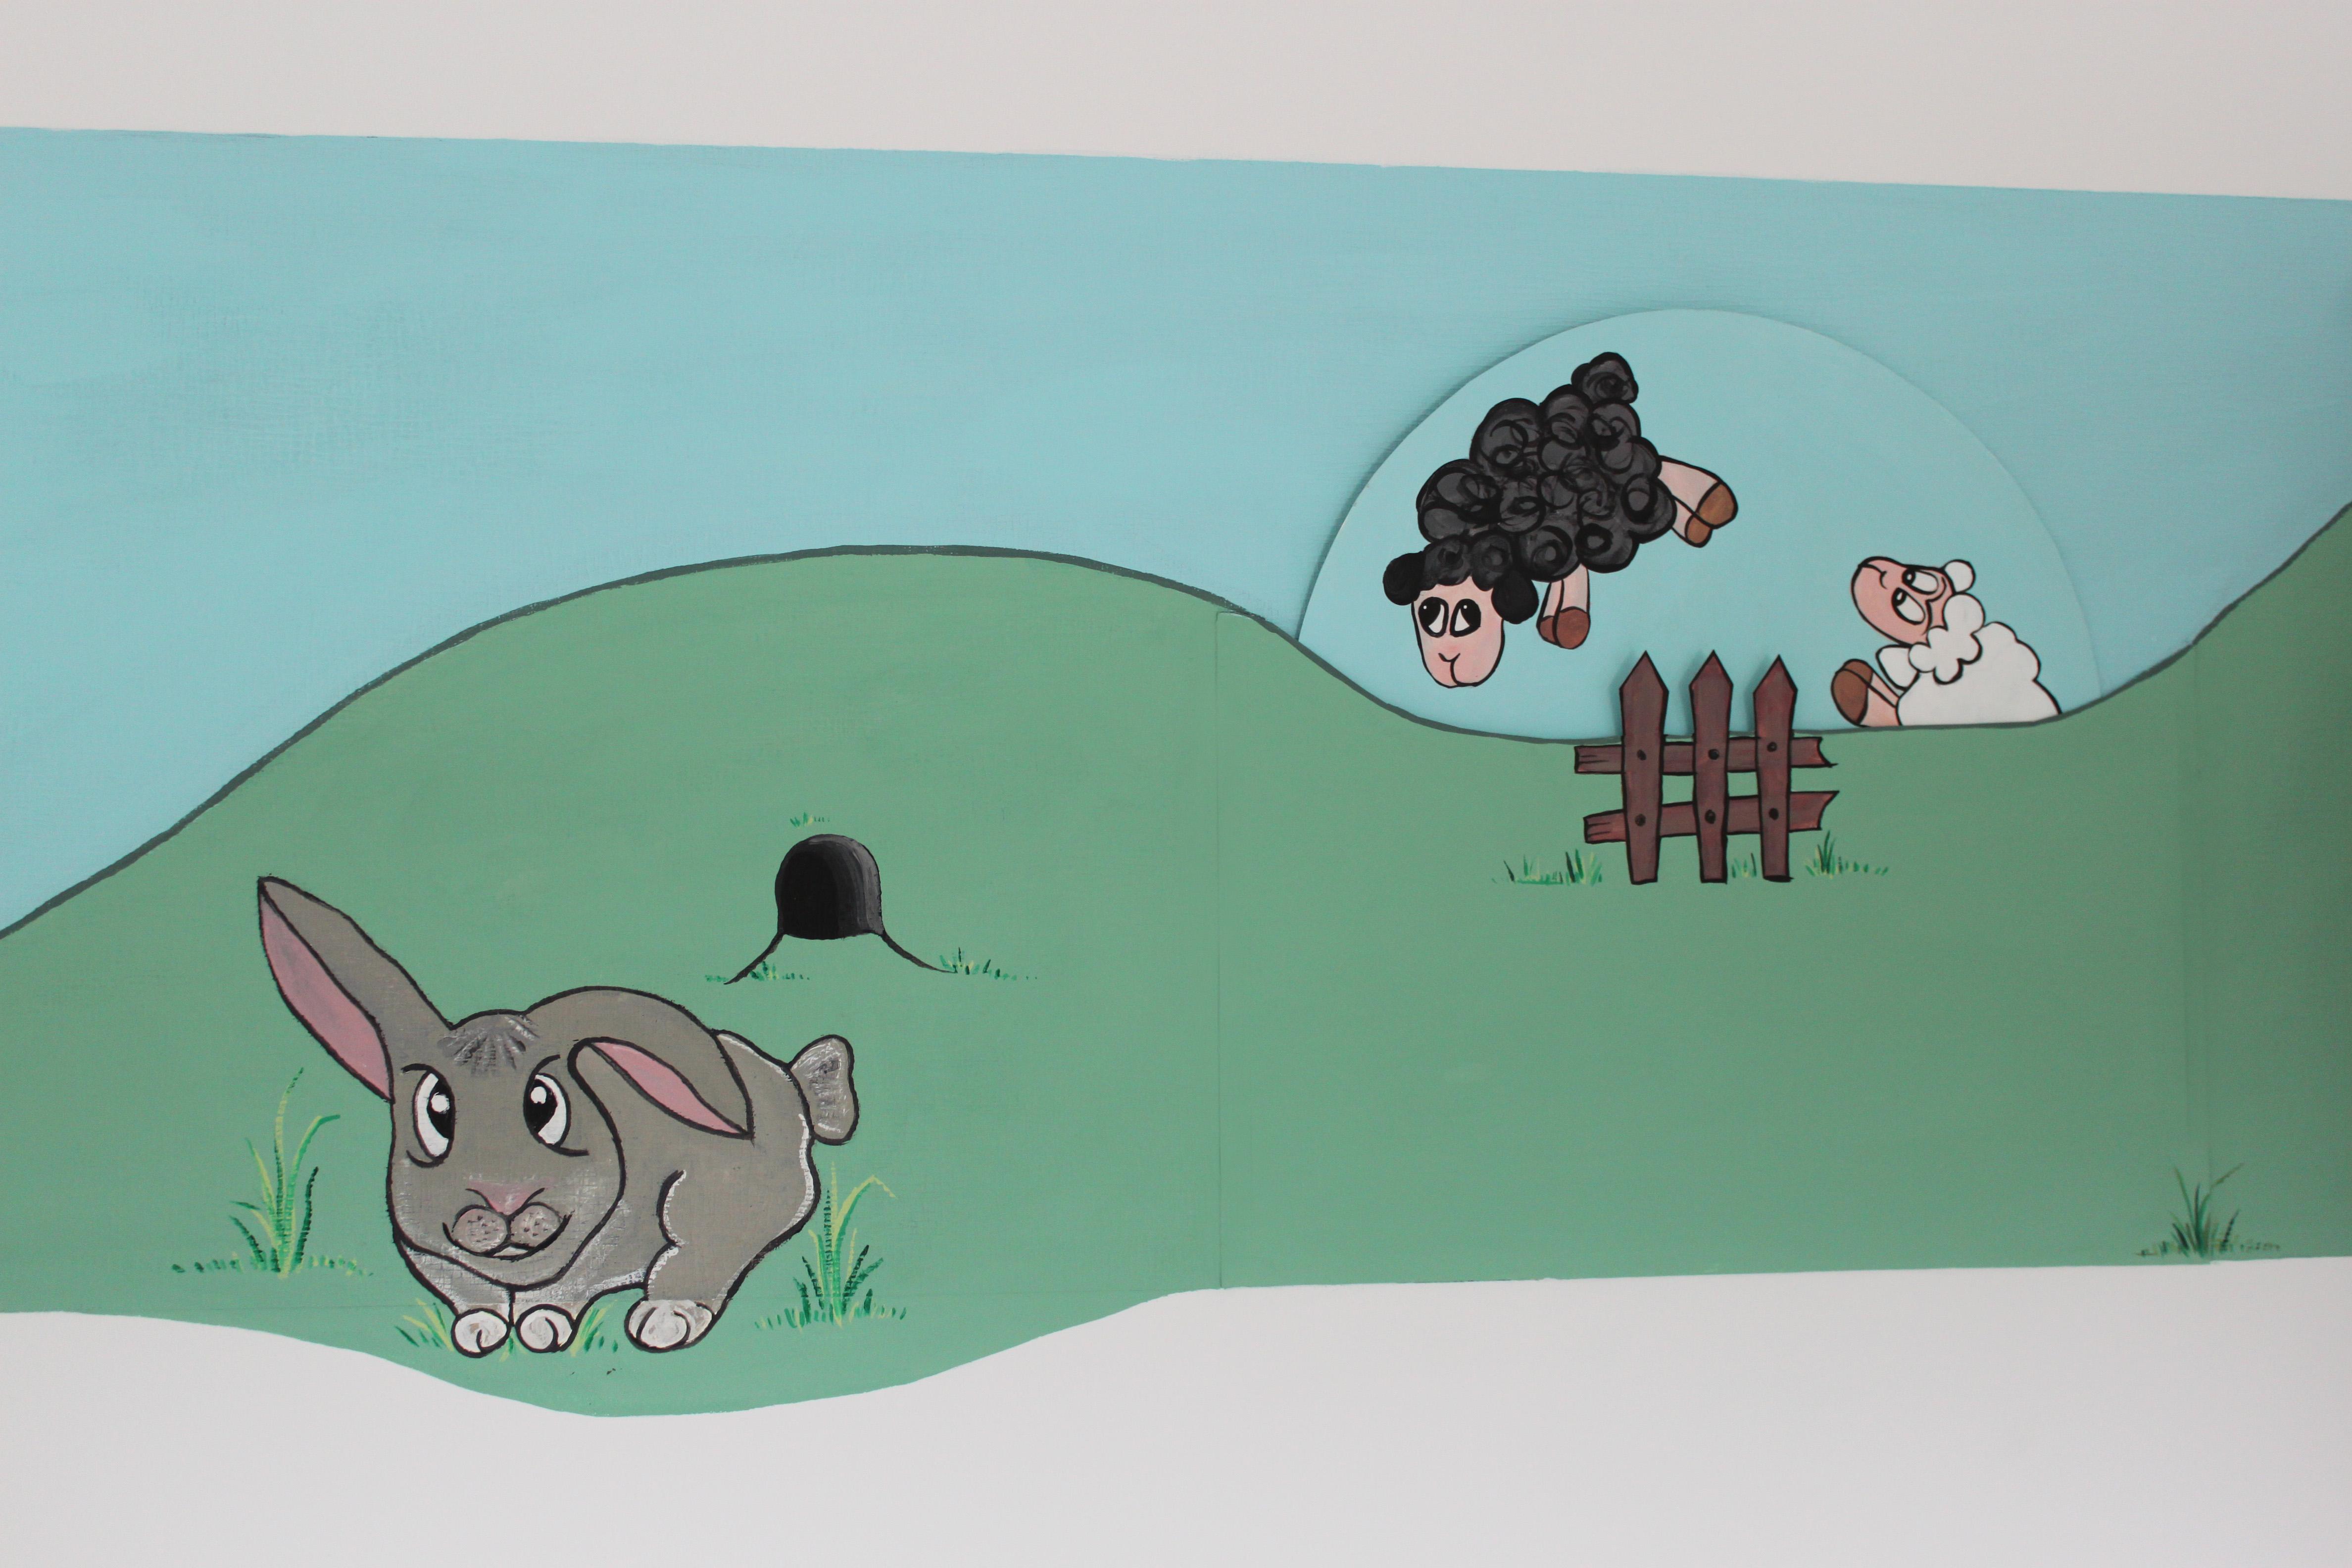 de schaapjes springen over het hek